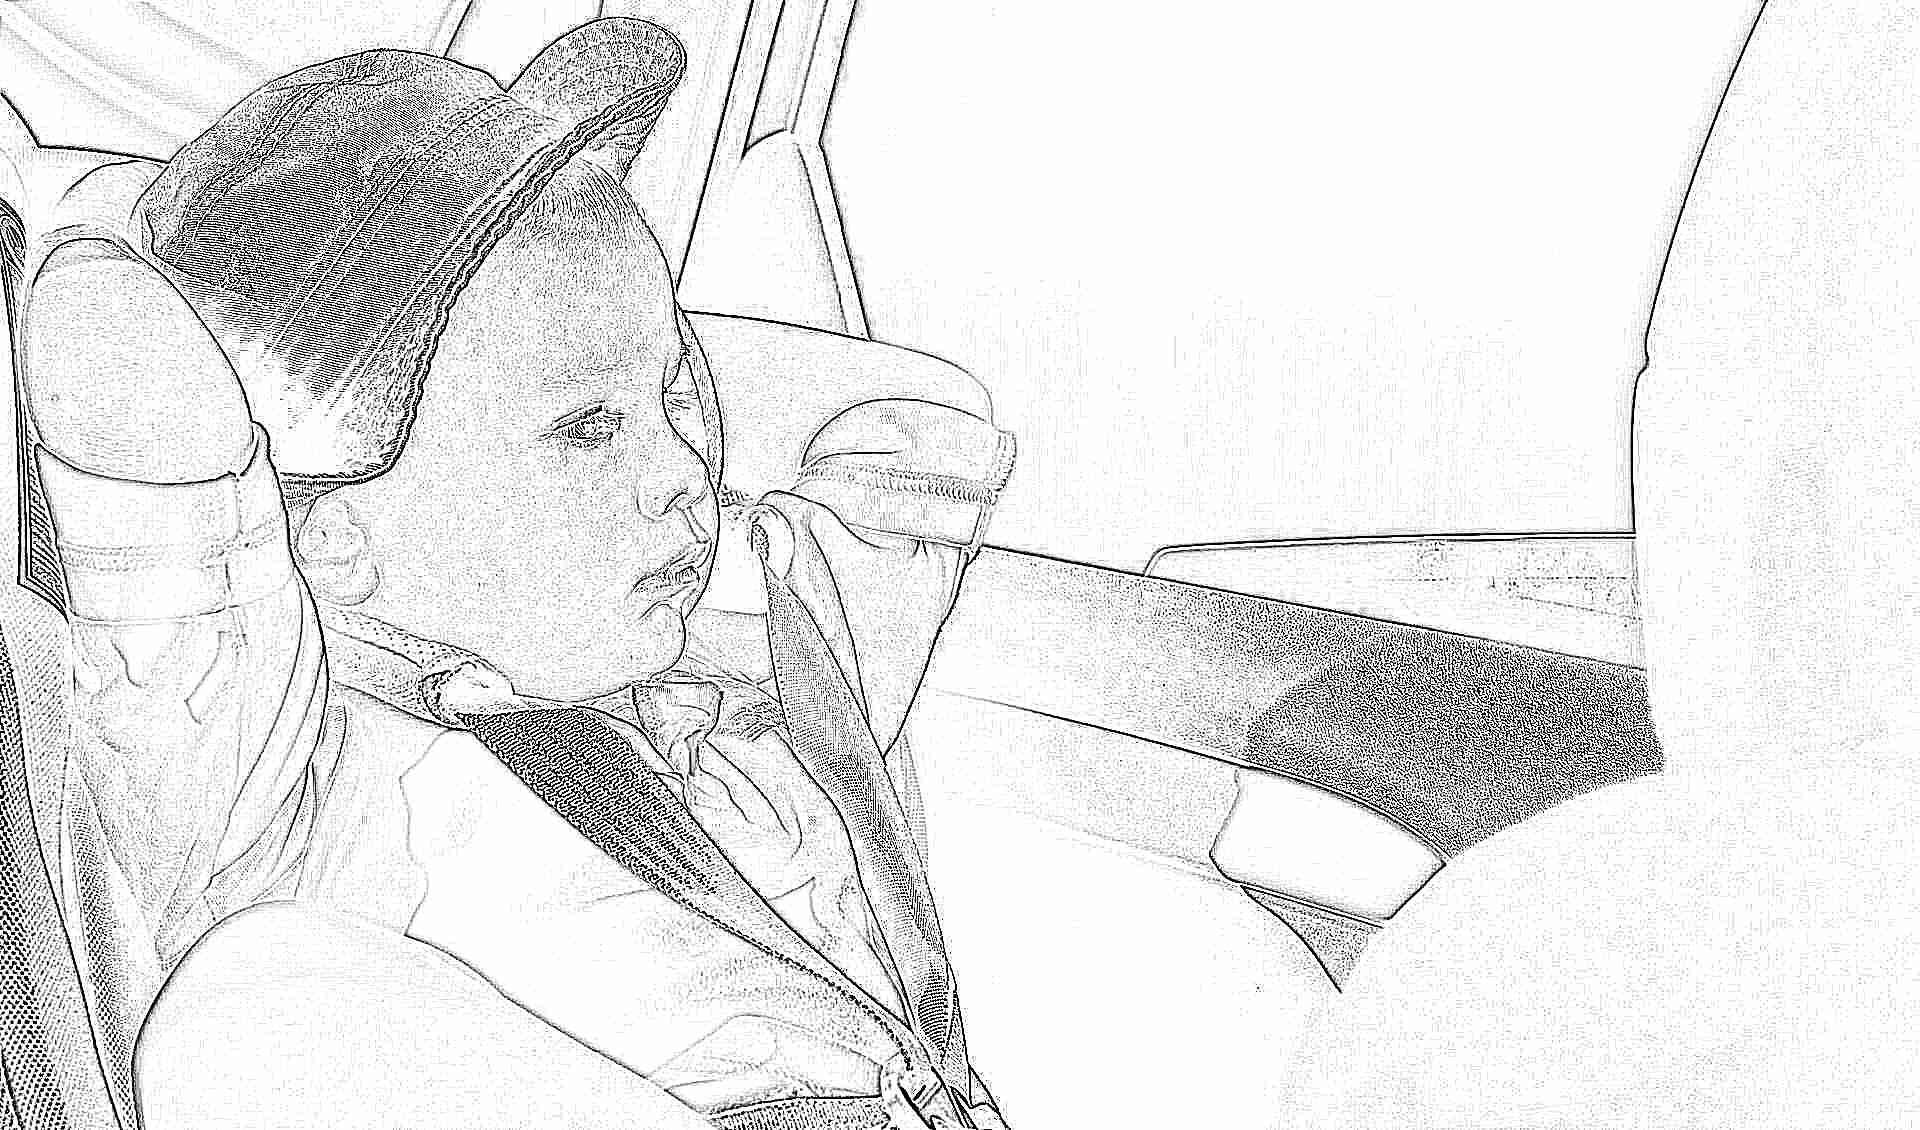 Правила перевозки детей в автомобиле по ПДД в 2018 году